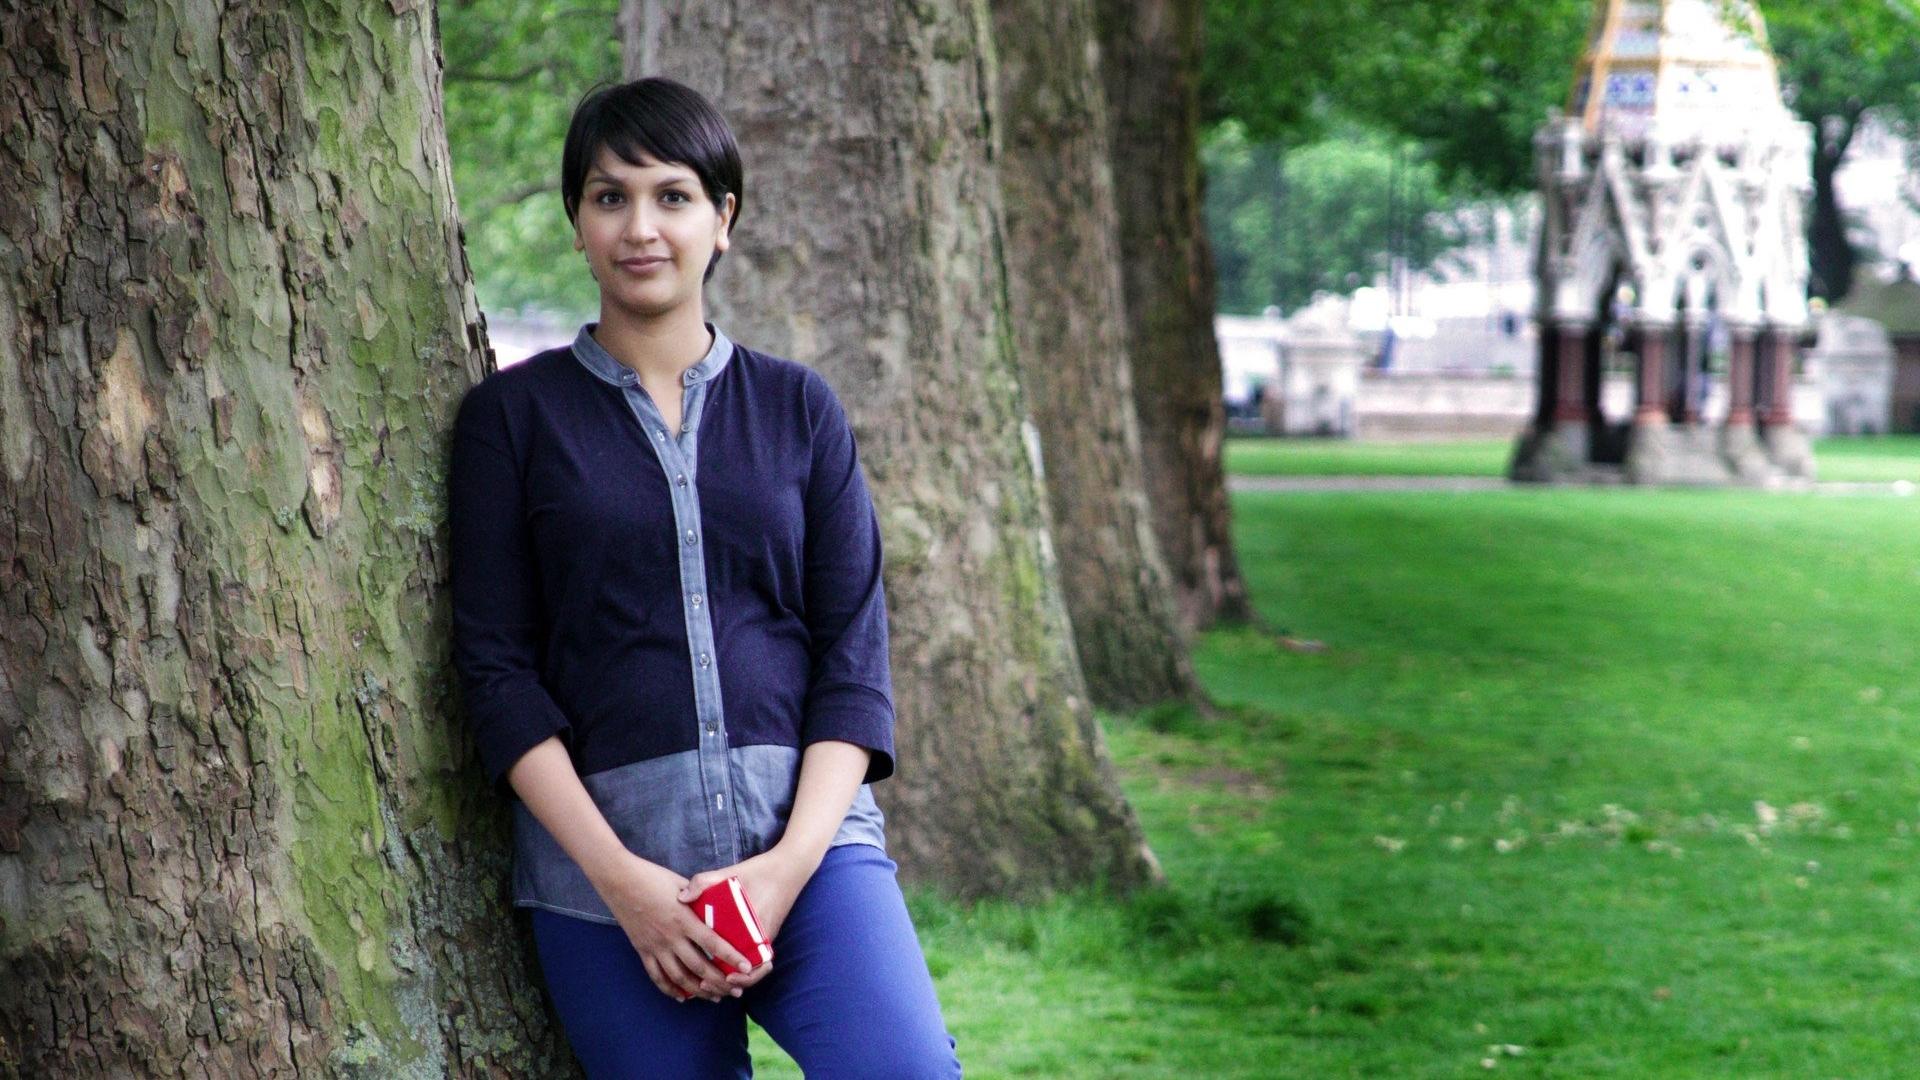 Angela Saini. Image credit: Angela Saini